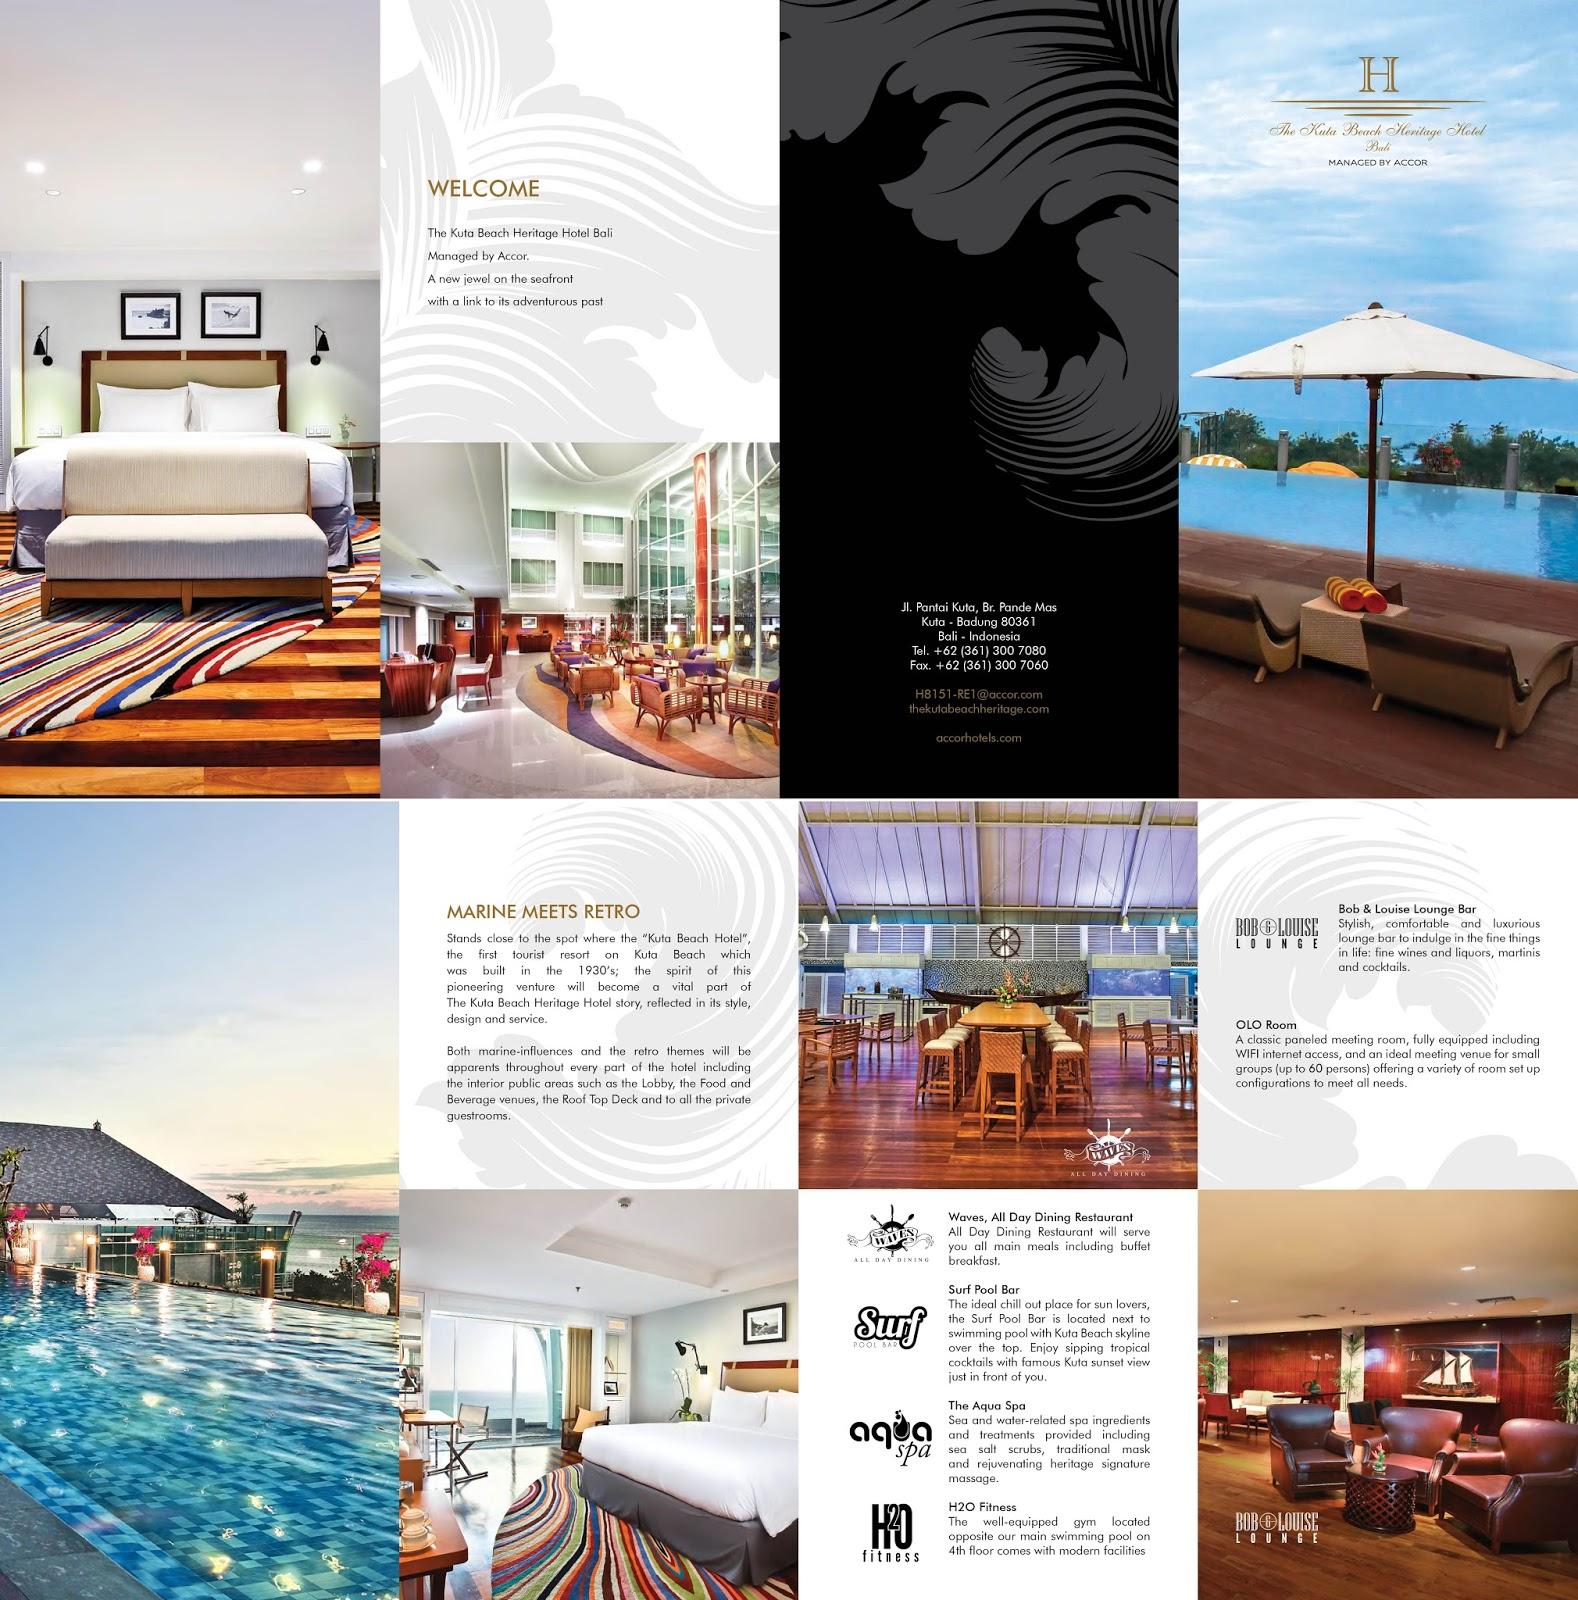 Referensi Desain Brosur Promosi Hotel Bitebrands